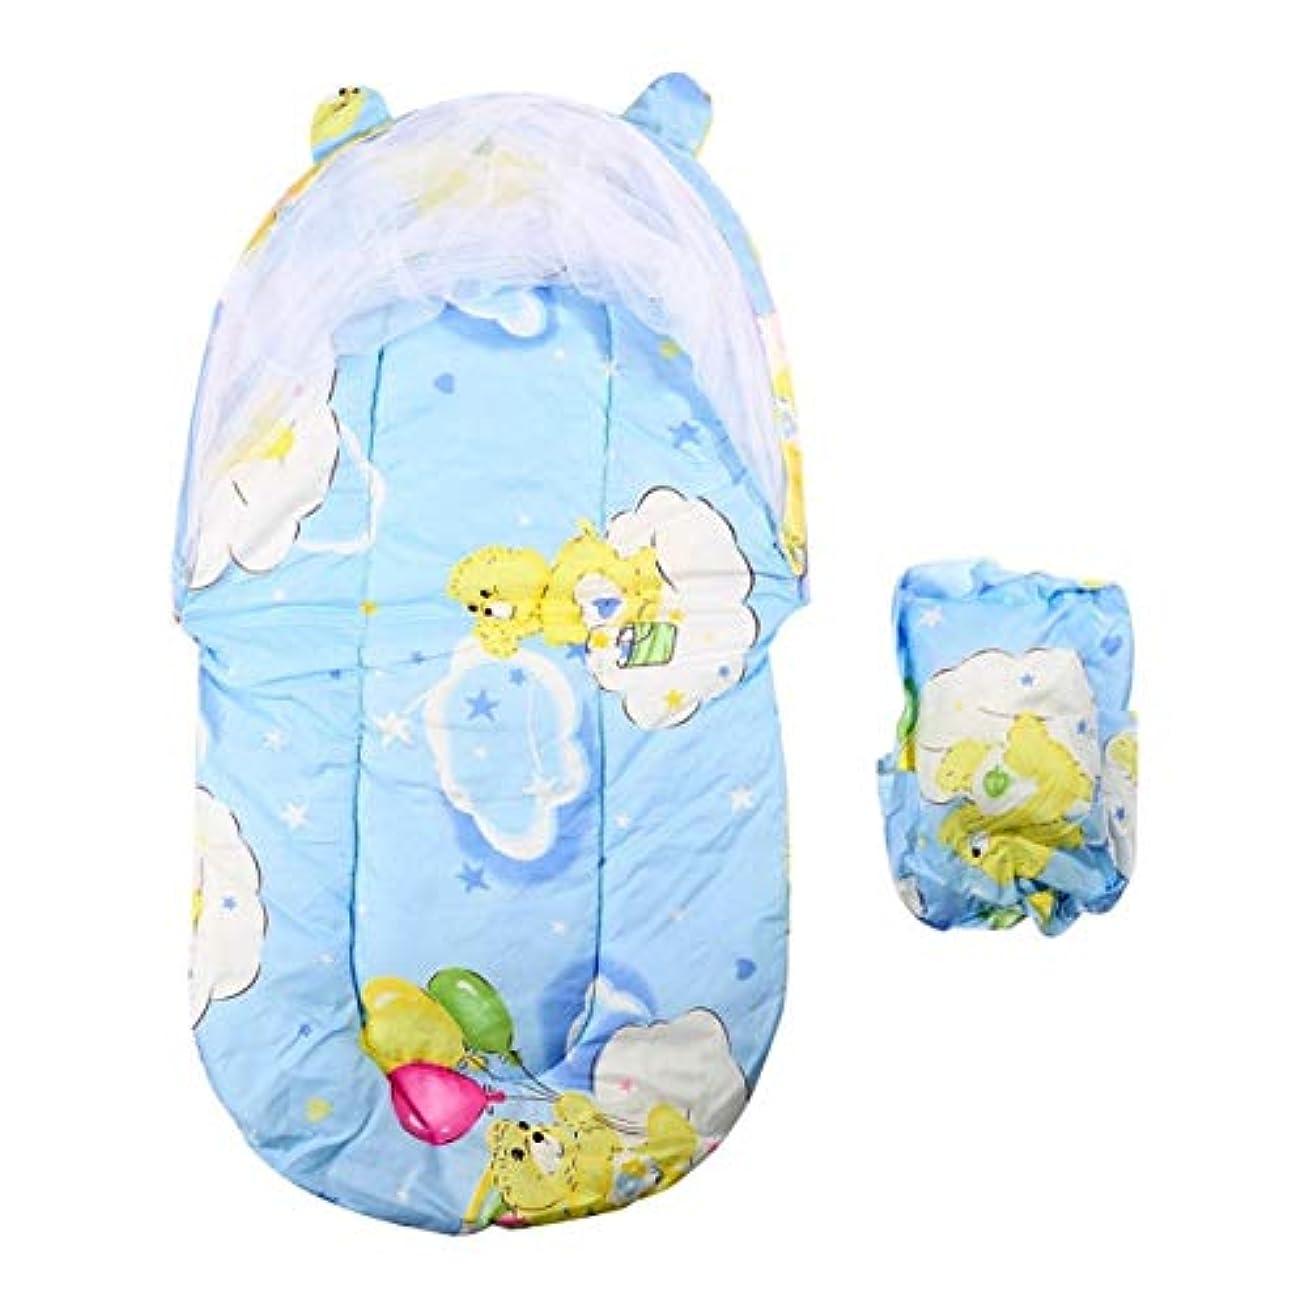 要旨頂点羊Saikogoods 折り畳み式の新しい赤ん坊の綿パッド入りマットレス幼児枕ベッド蚊帳テントはキッズベビーベッドアクセサリーハングドームフロアスタンド 青